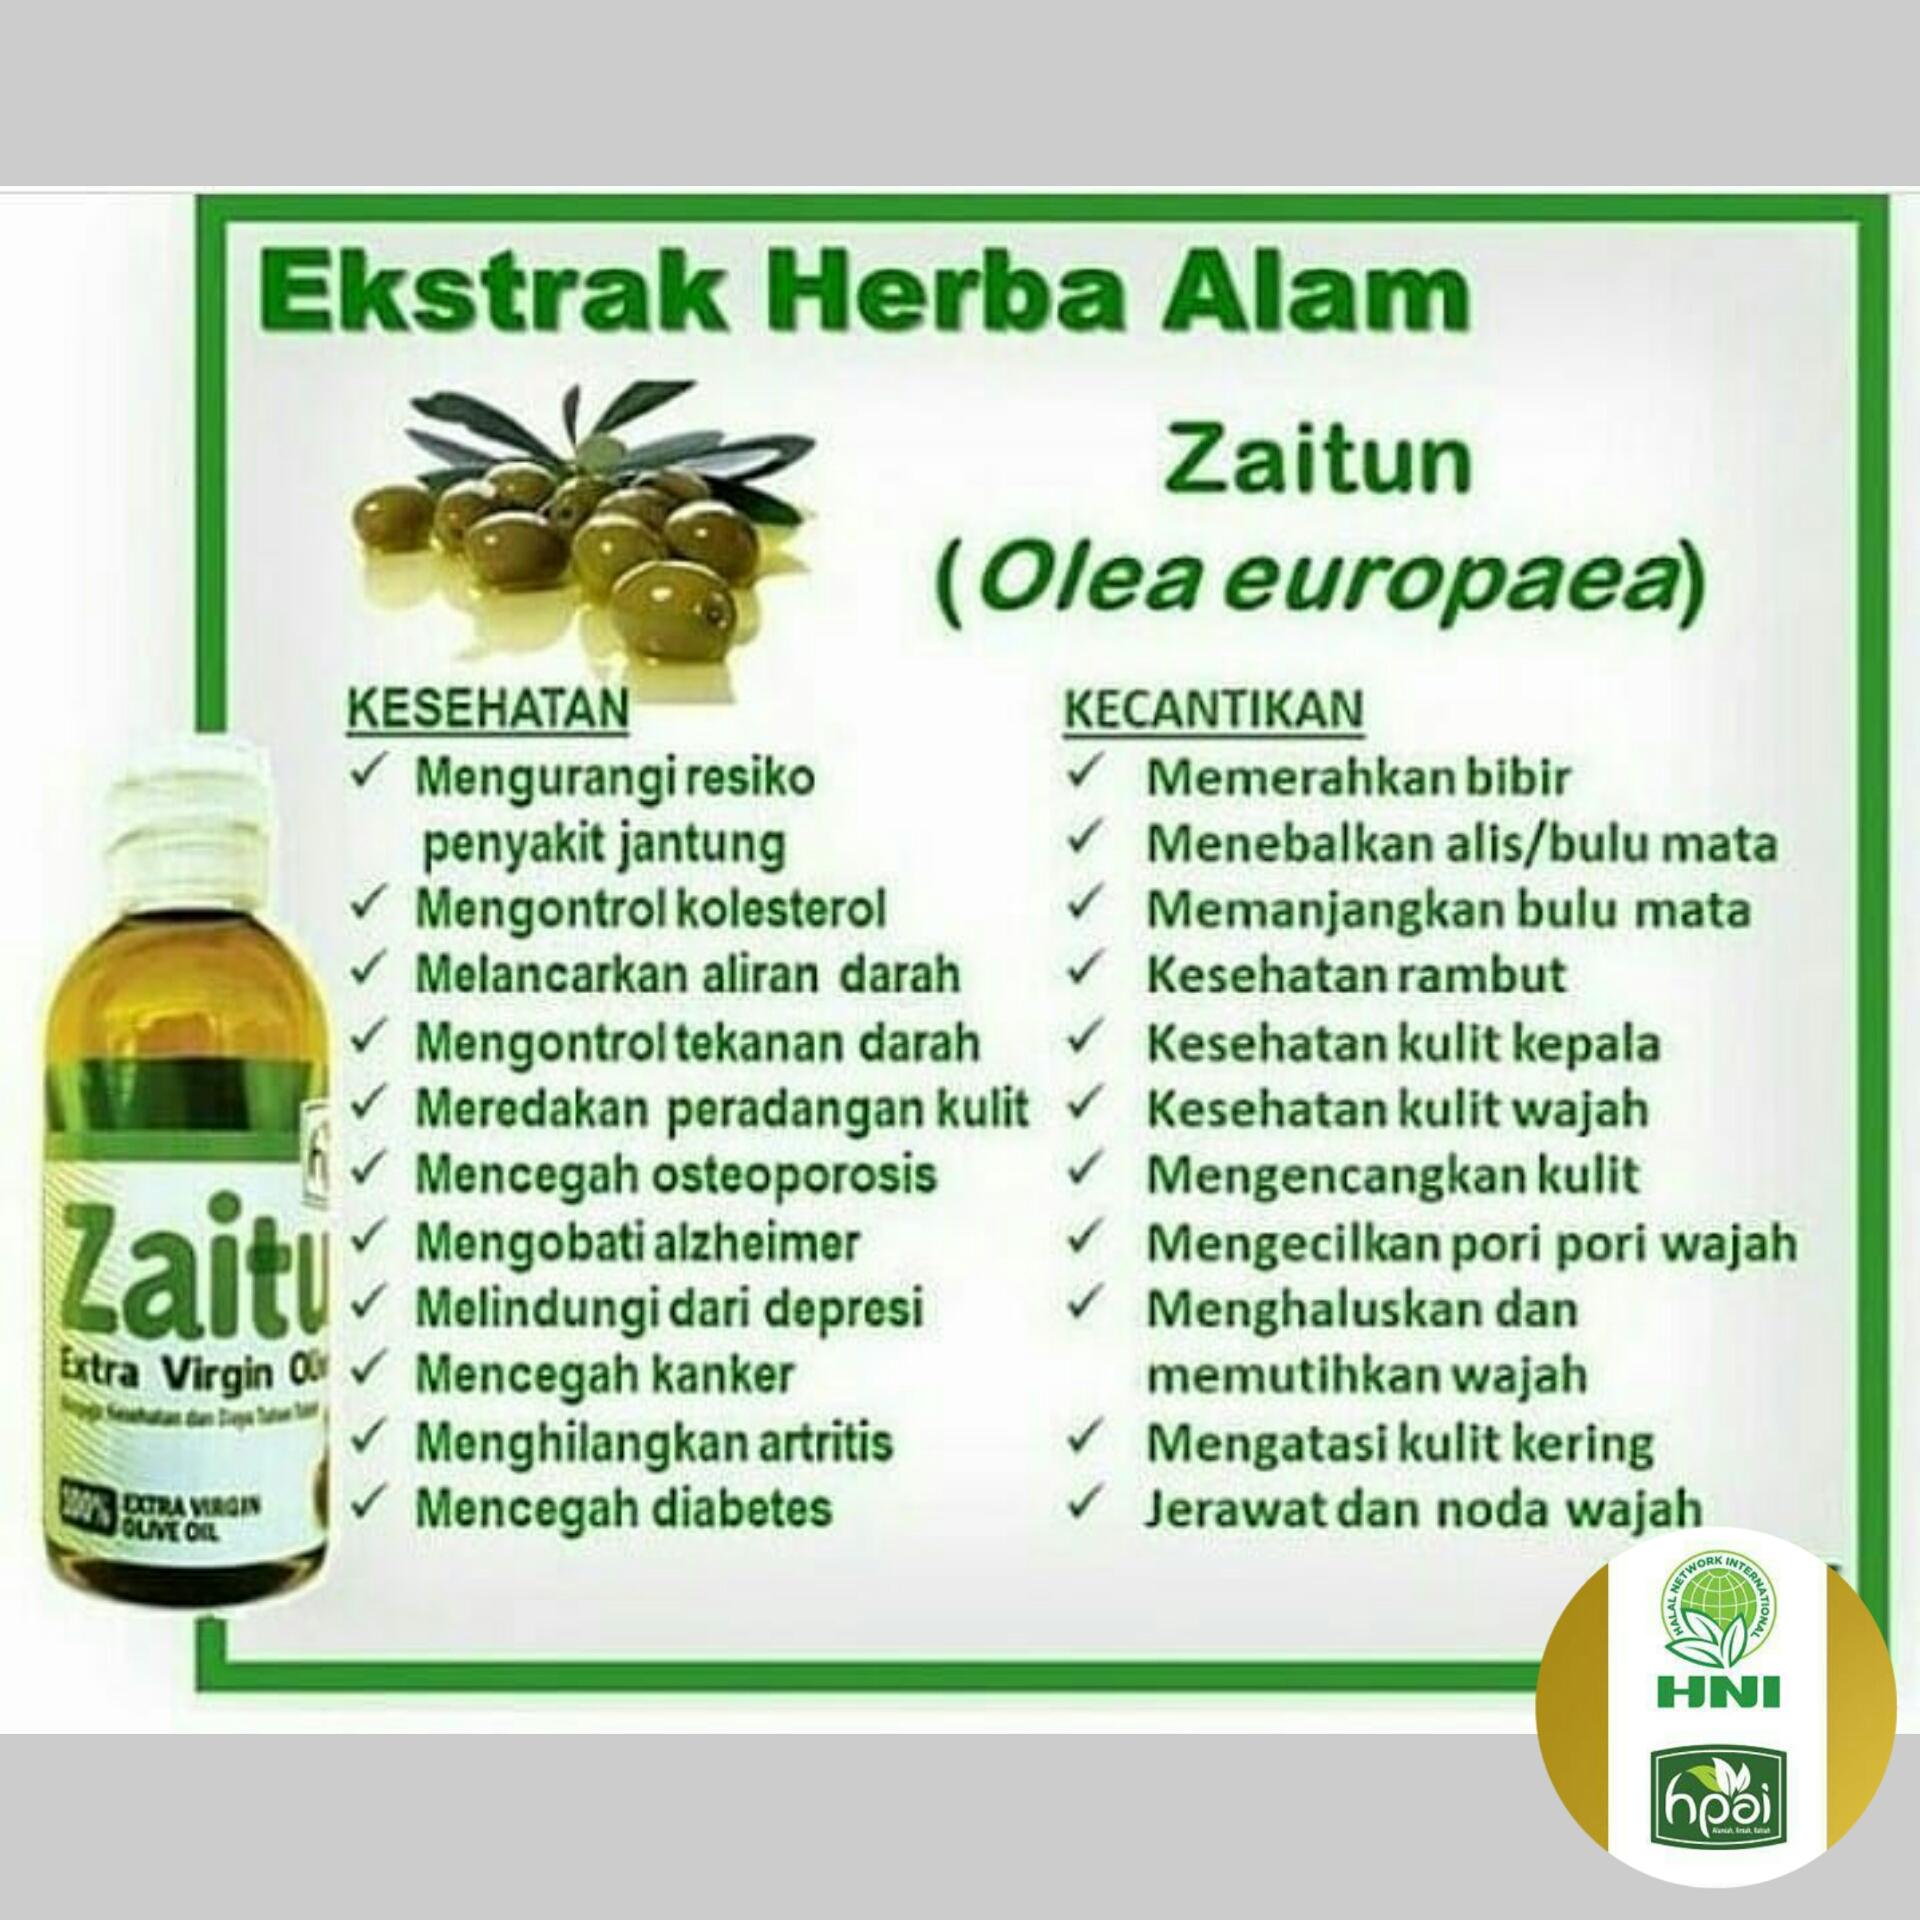 diabetes khasiat minyak zaitun untuk